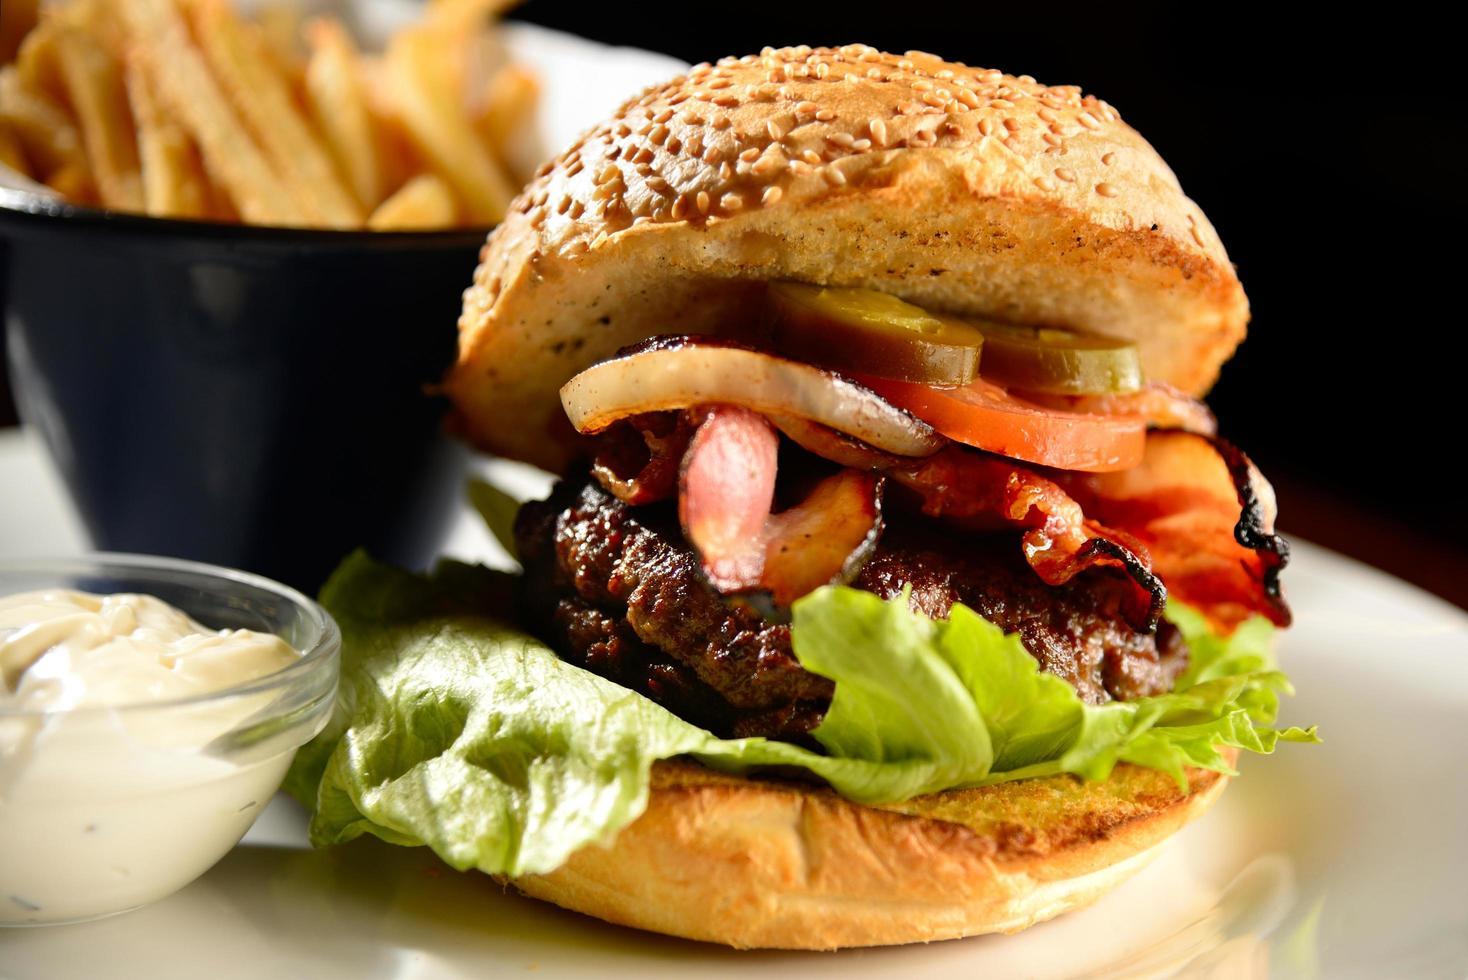 närbild av en hamburgare foto